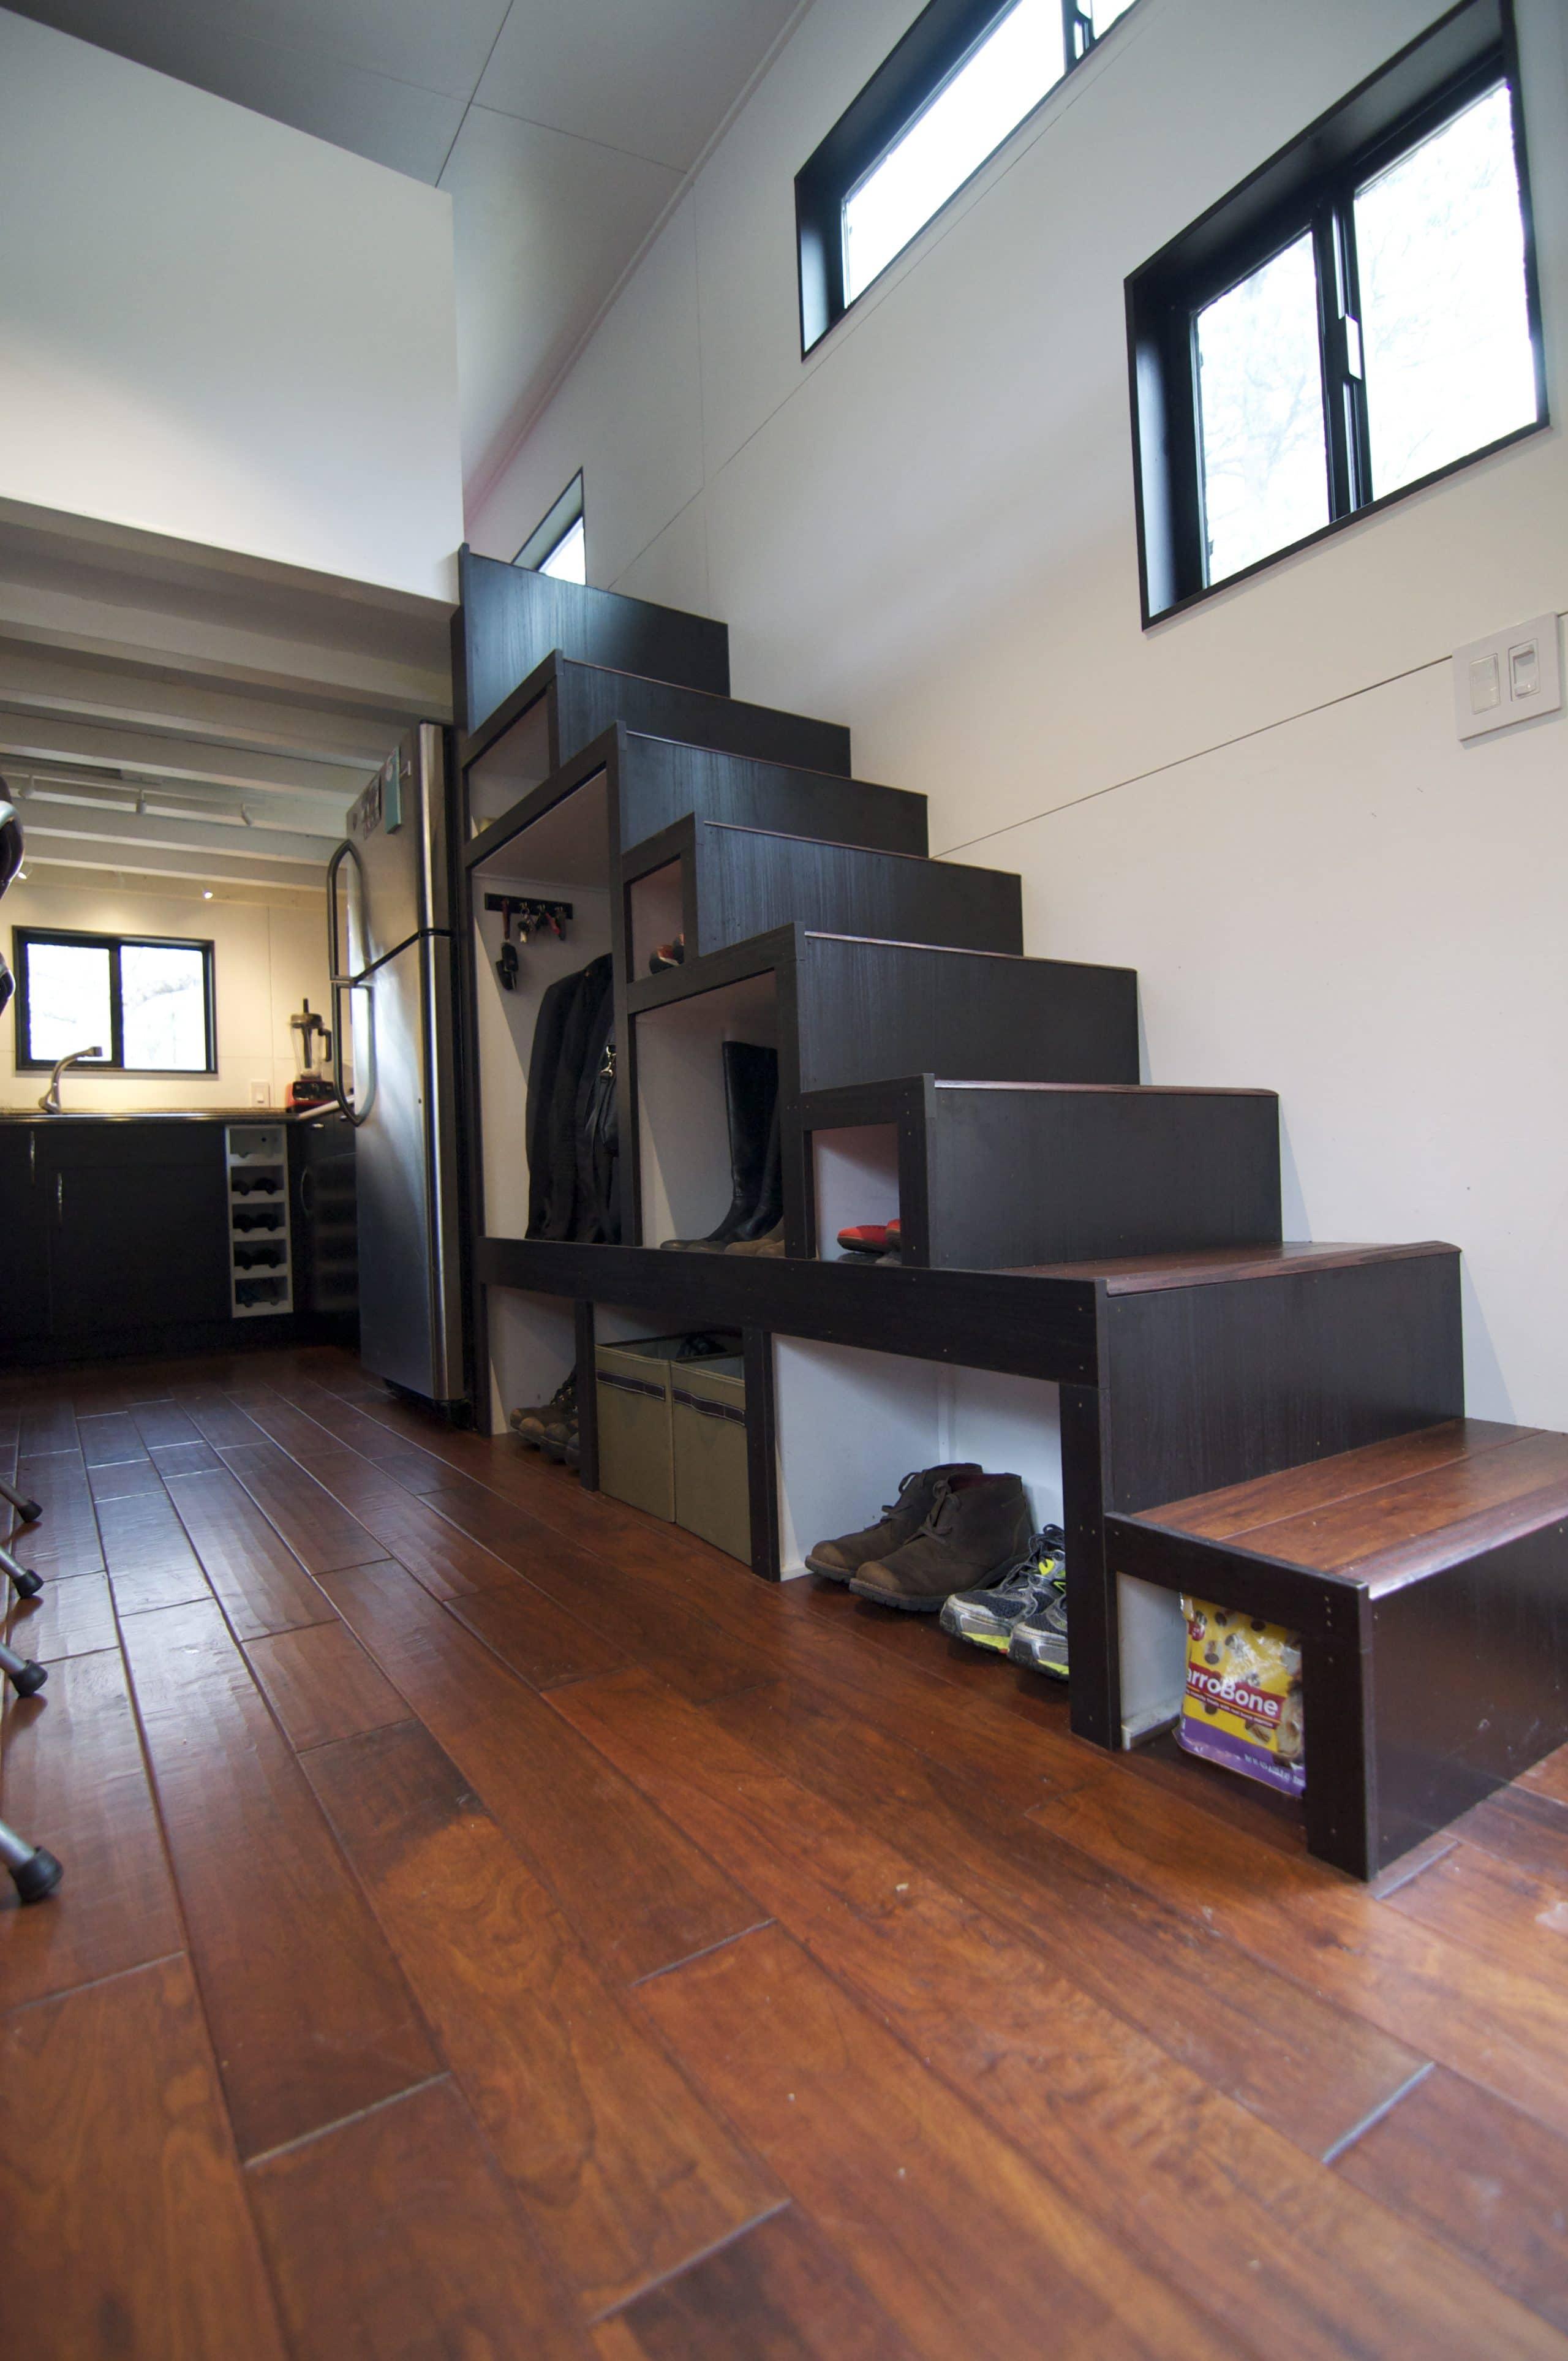 Dise o de casa muy peque a optimizando espacios - Disenos de escaleras de madera para interiores ...